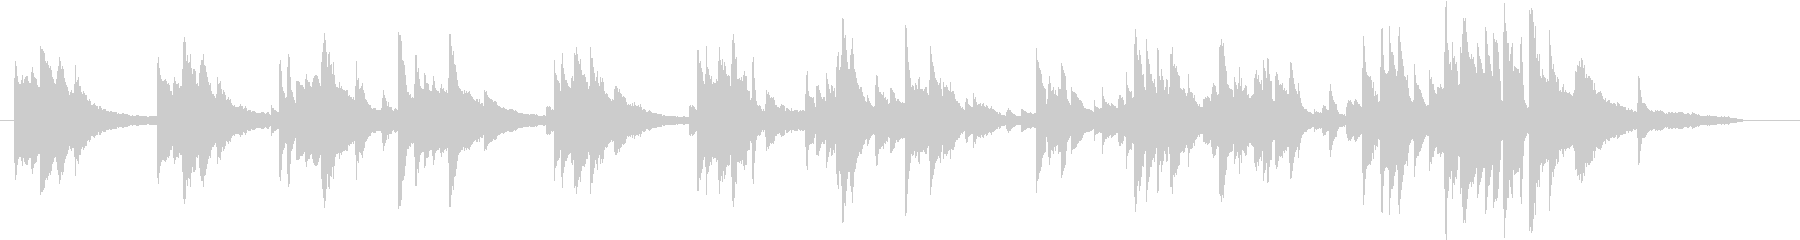 生ピアノ録音-青空のように澄んだメロディの未再生の波形